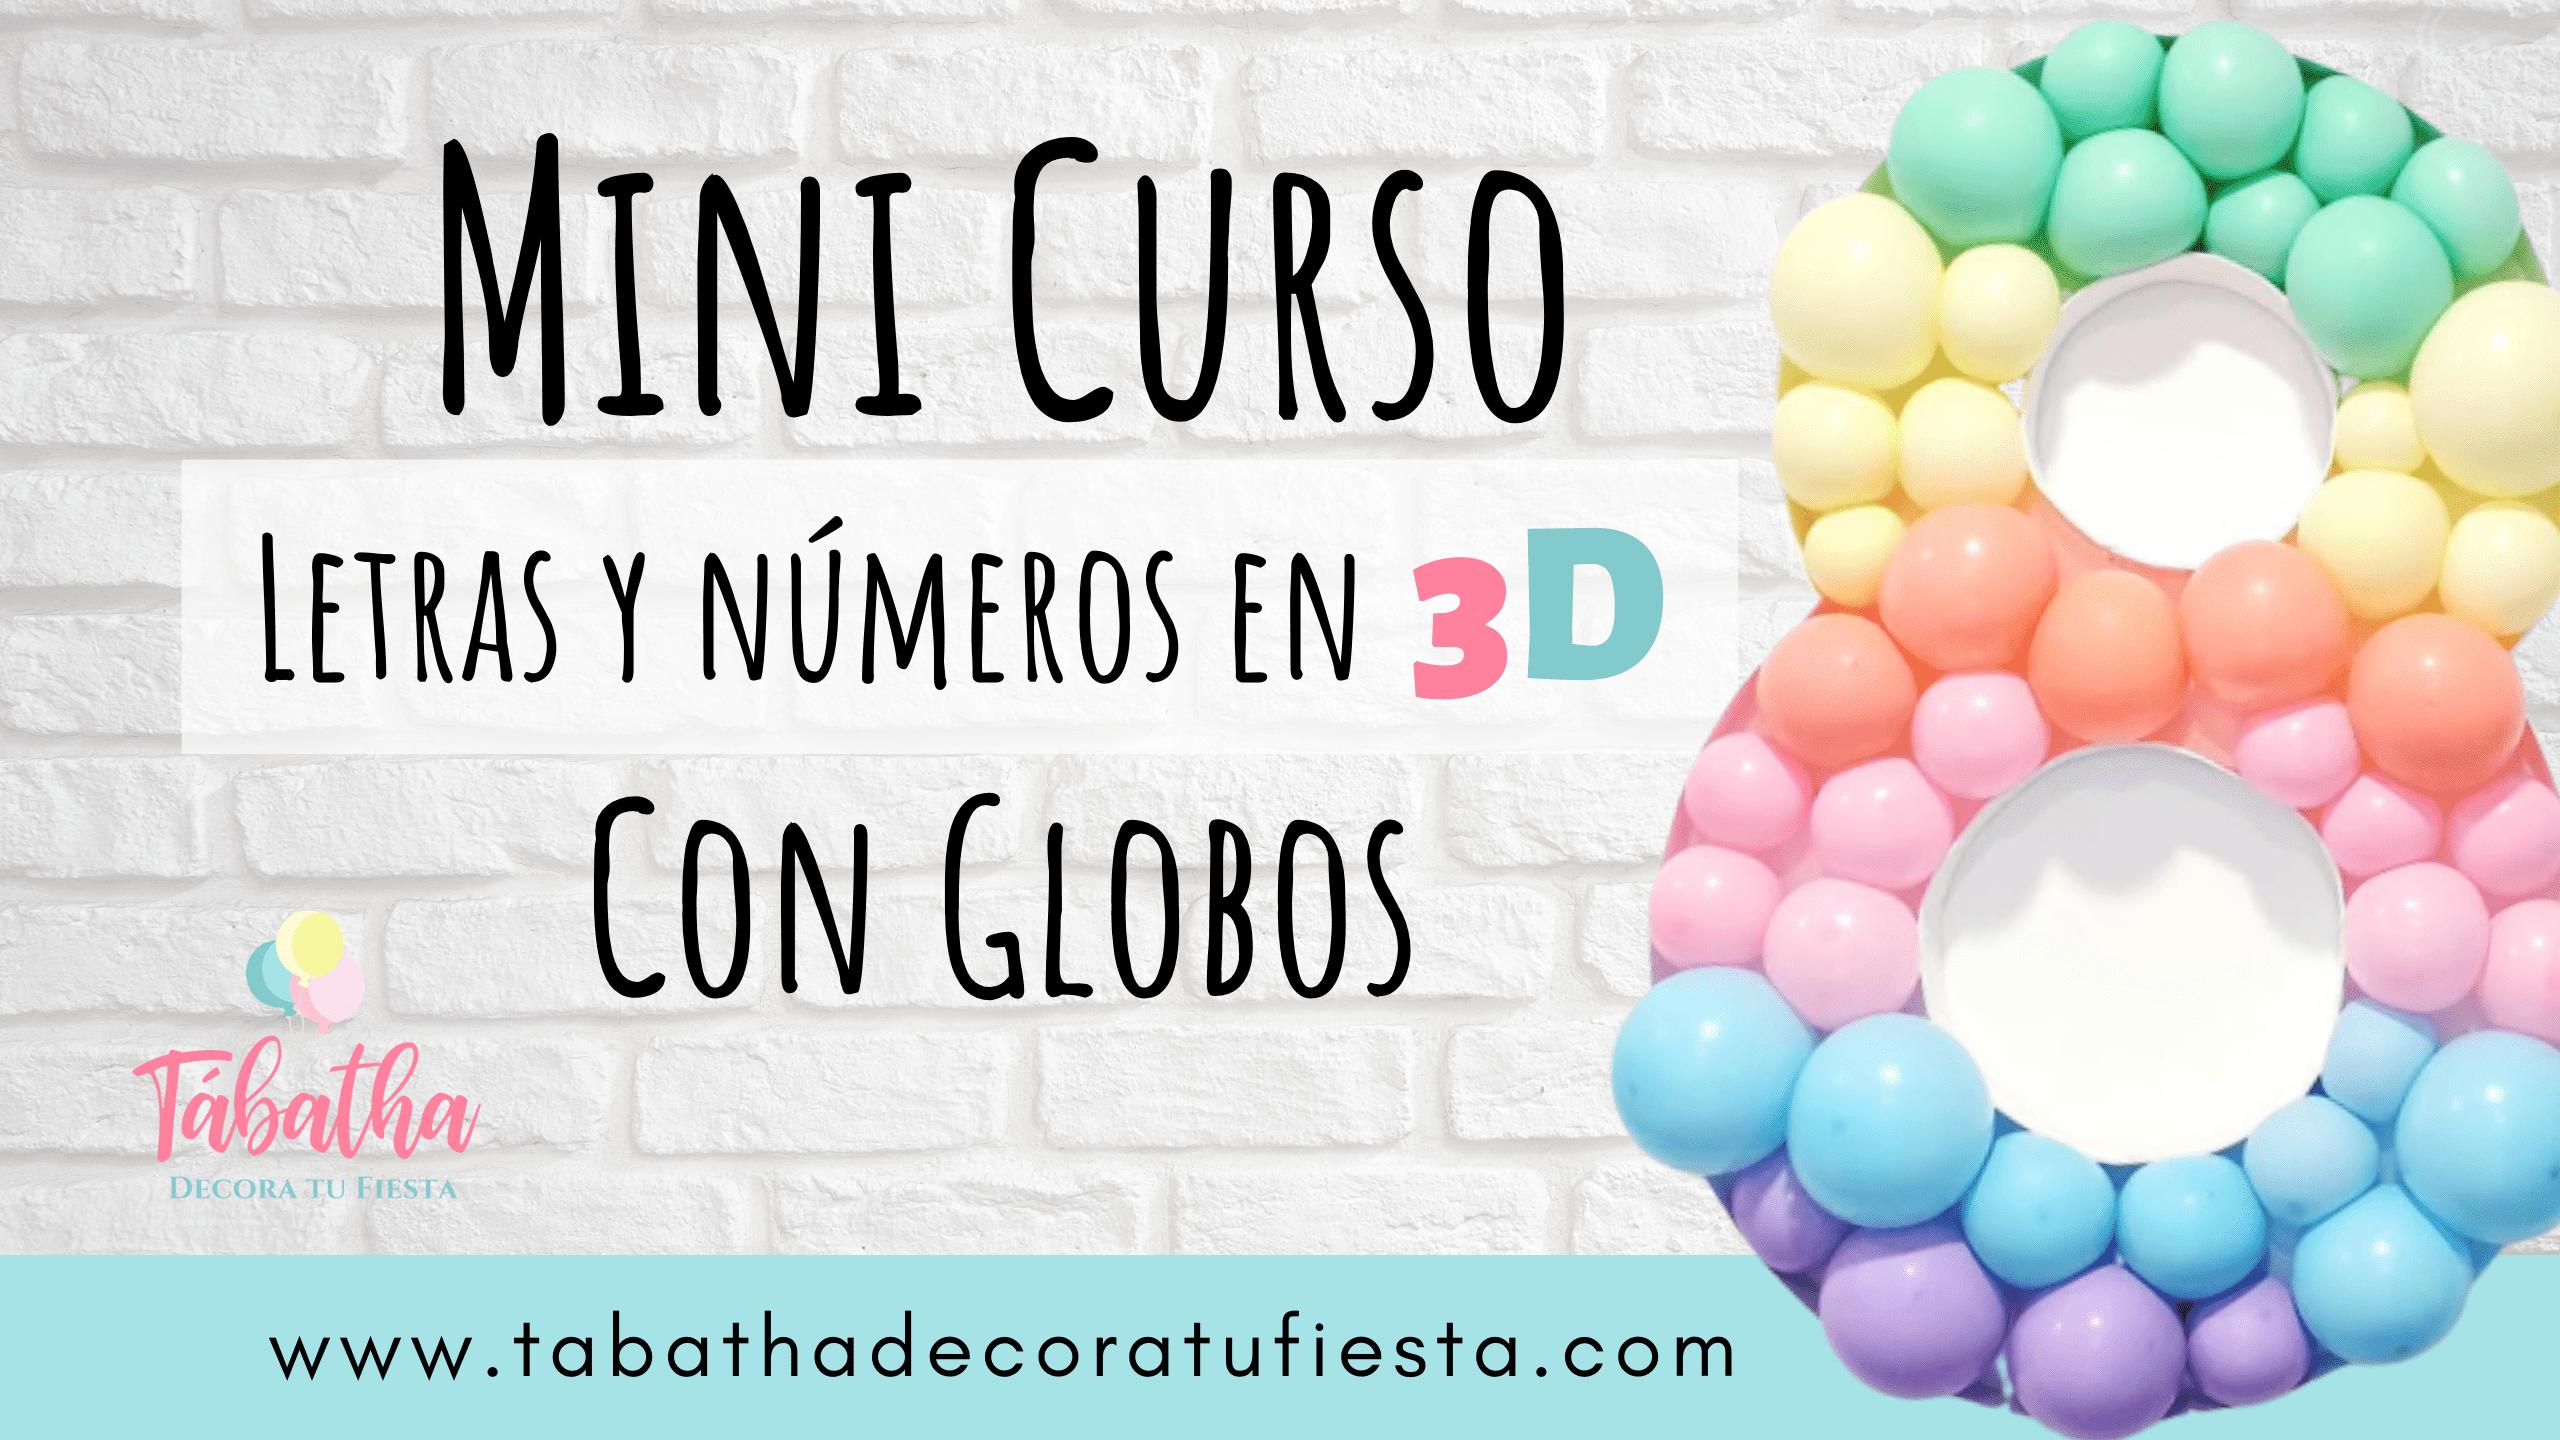 Mini Curso Letras y Números